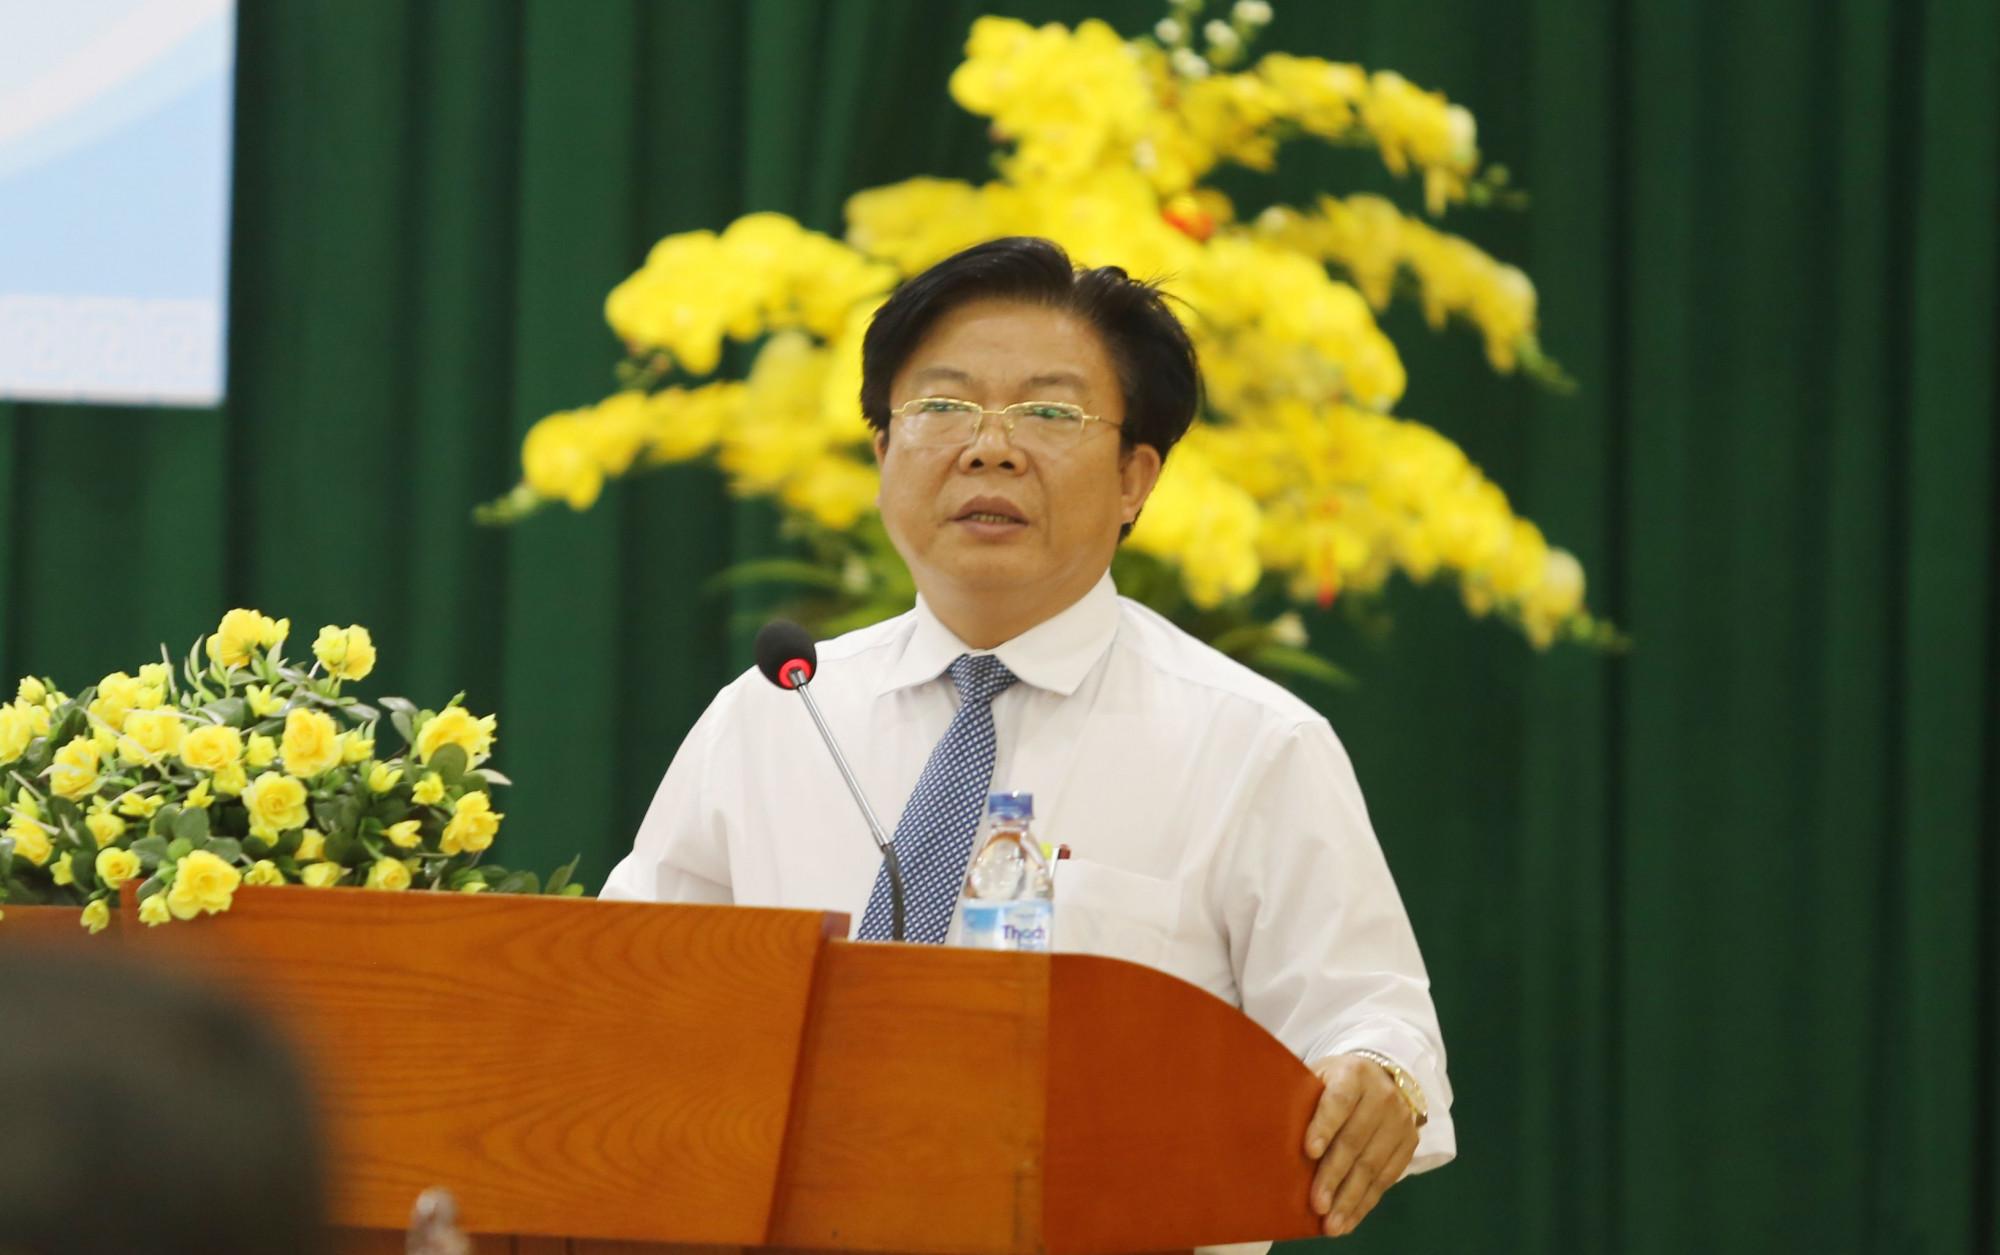 Luân chuyển liên tục các cán bộ quản lý, giáo viên cấp THPT trên địa bàn, Giám đốc Sở GD&ĐT Quảng Nam bị yêu cầu giải trình với UBND tỉnh